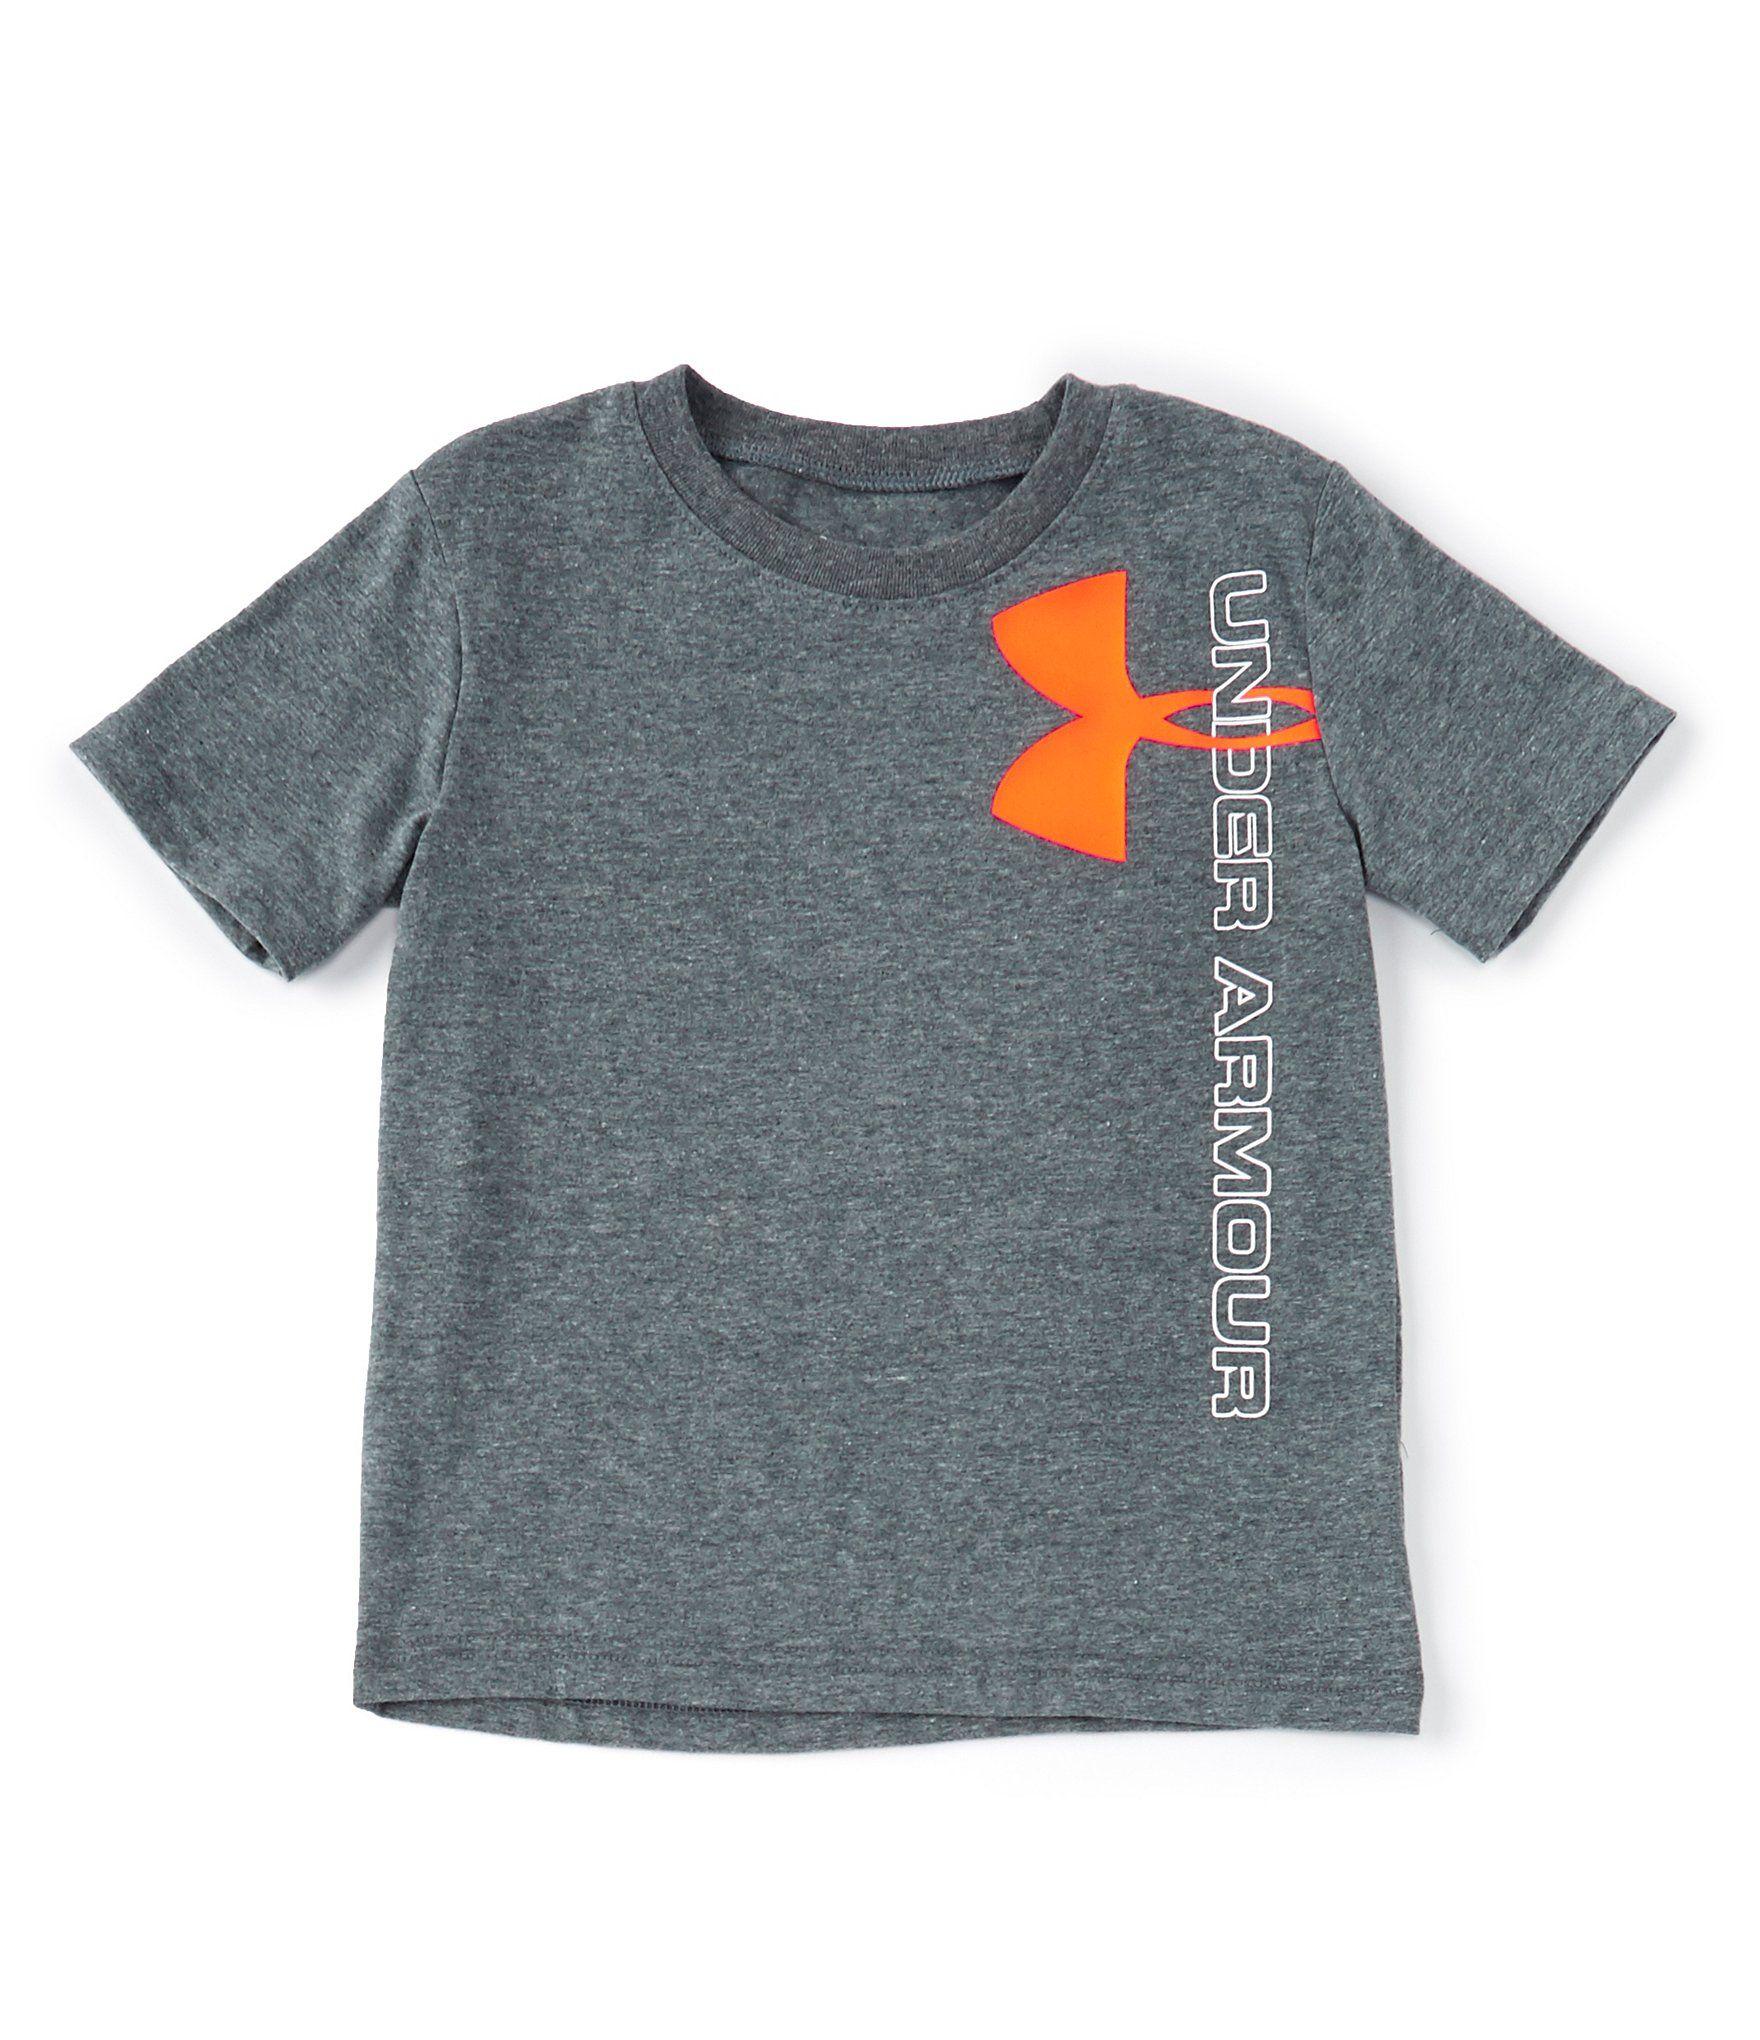 Under Armour Boys Short-Sleeve T-Shirt